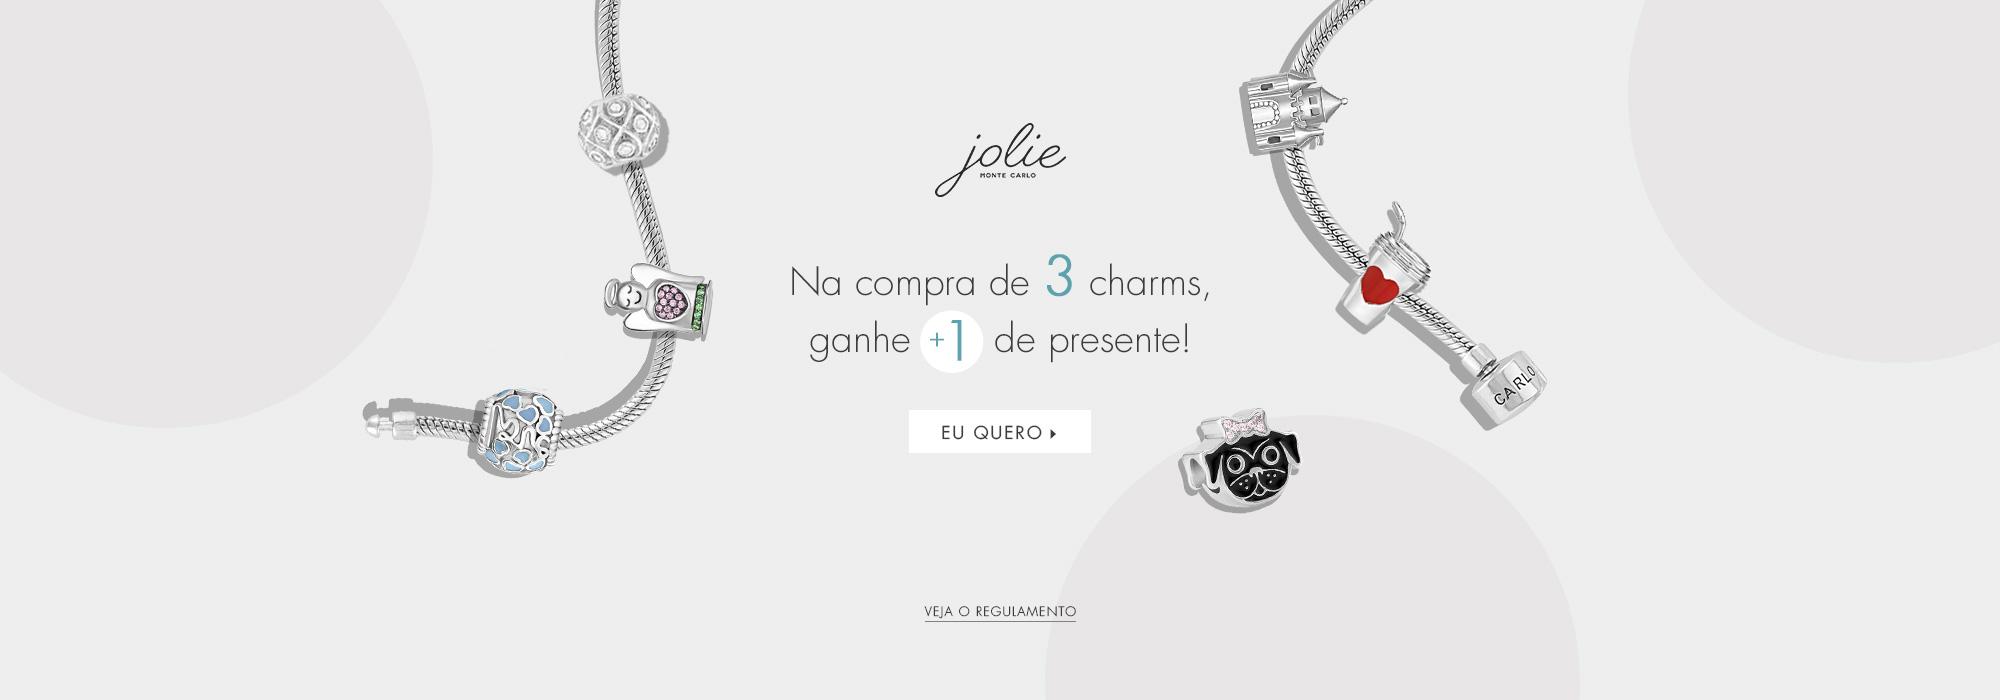 Promo Jolie - Compre 3 ganhe 1